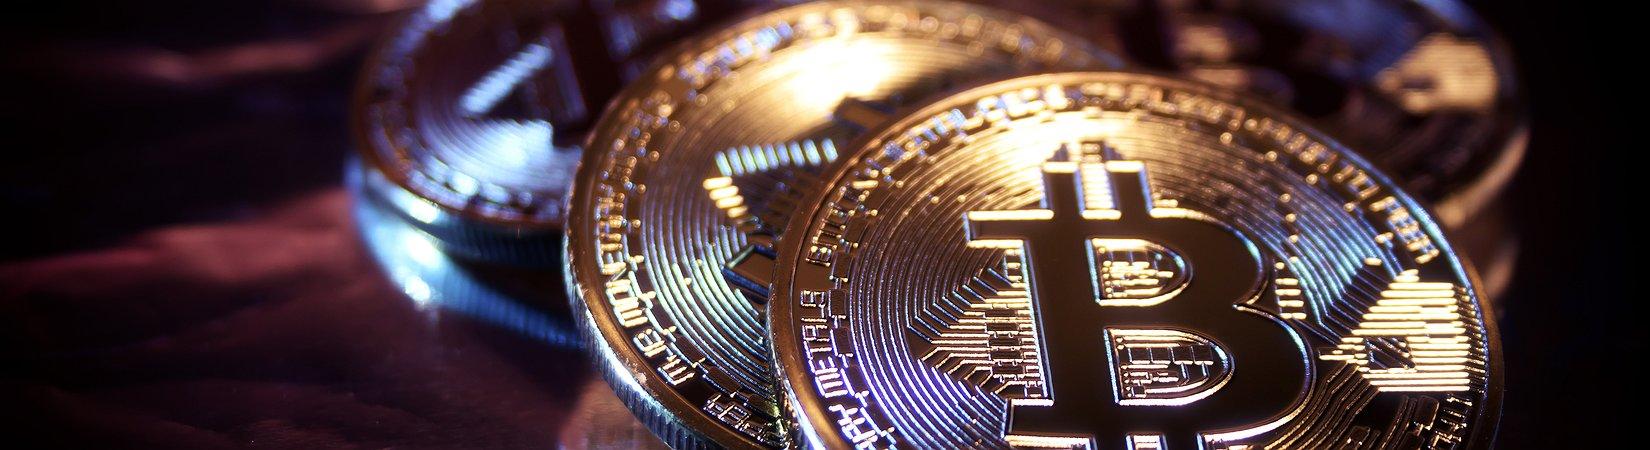 Bitcoin, in Cina il volume degli scambi scende del 90%